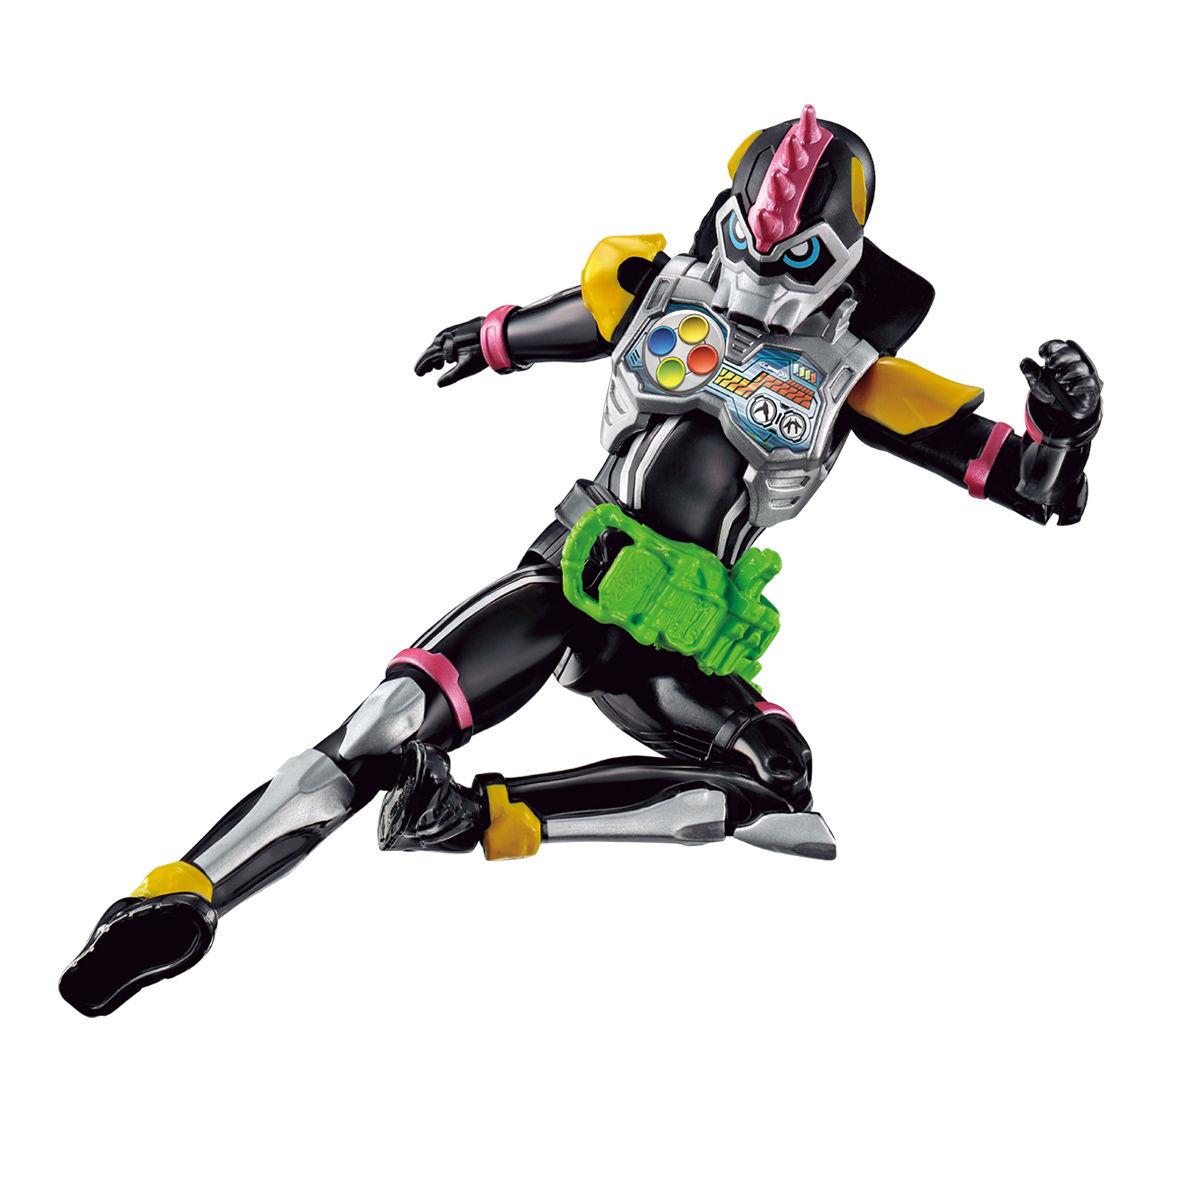 RKFレジェンドライダーシリーズ『仮面ライダーレーザーターボ バイクゲーマー レベル0』可動フィギュア-003